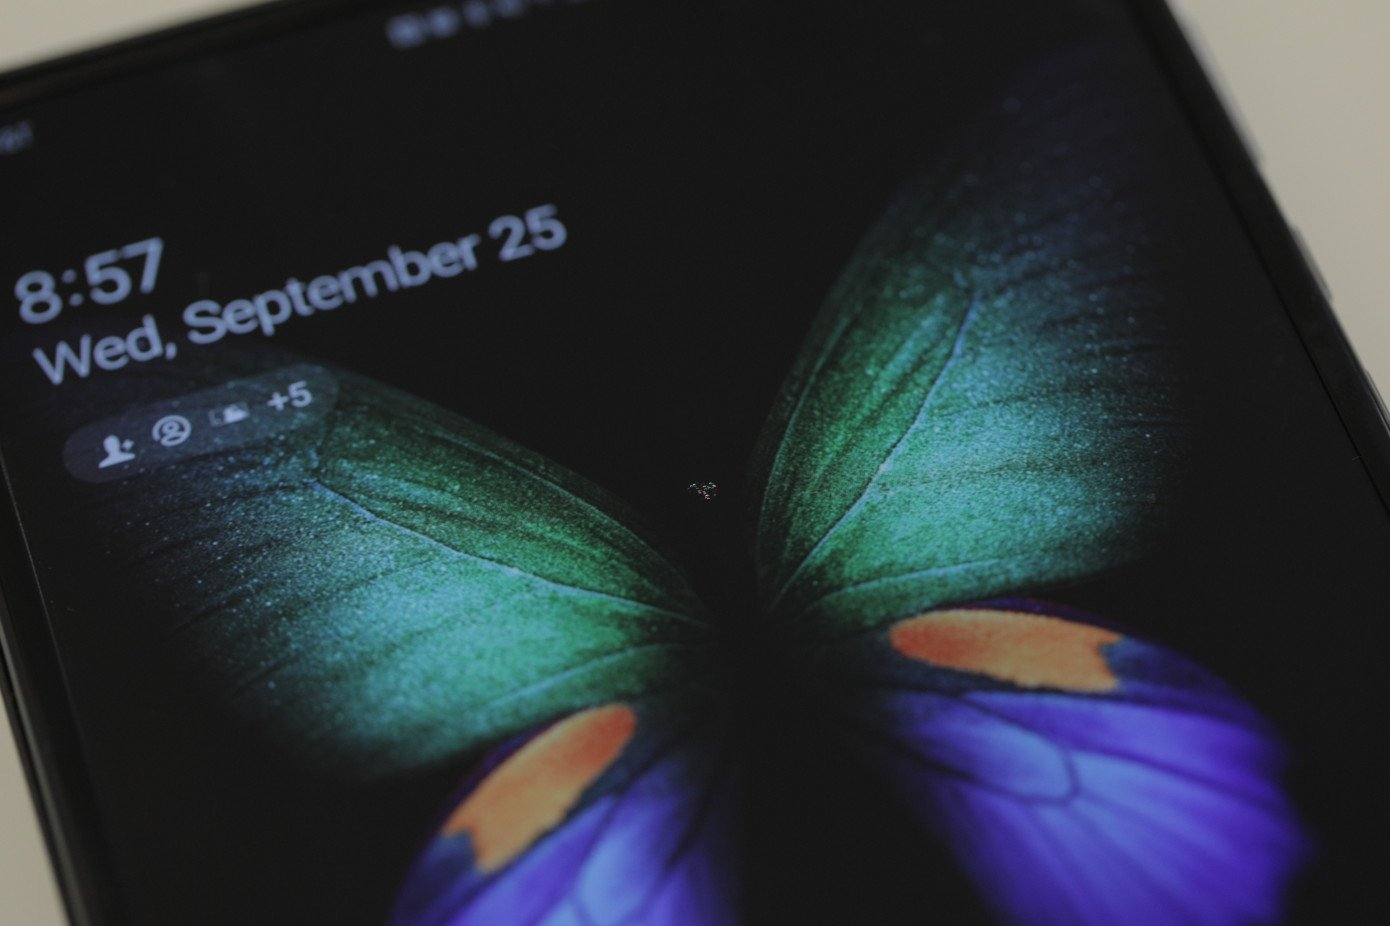 Samsung Galaxy Fold : un média reconnu a rencontré un nouveau problème d'écran, mais c'est le seul pour moment